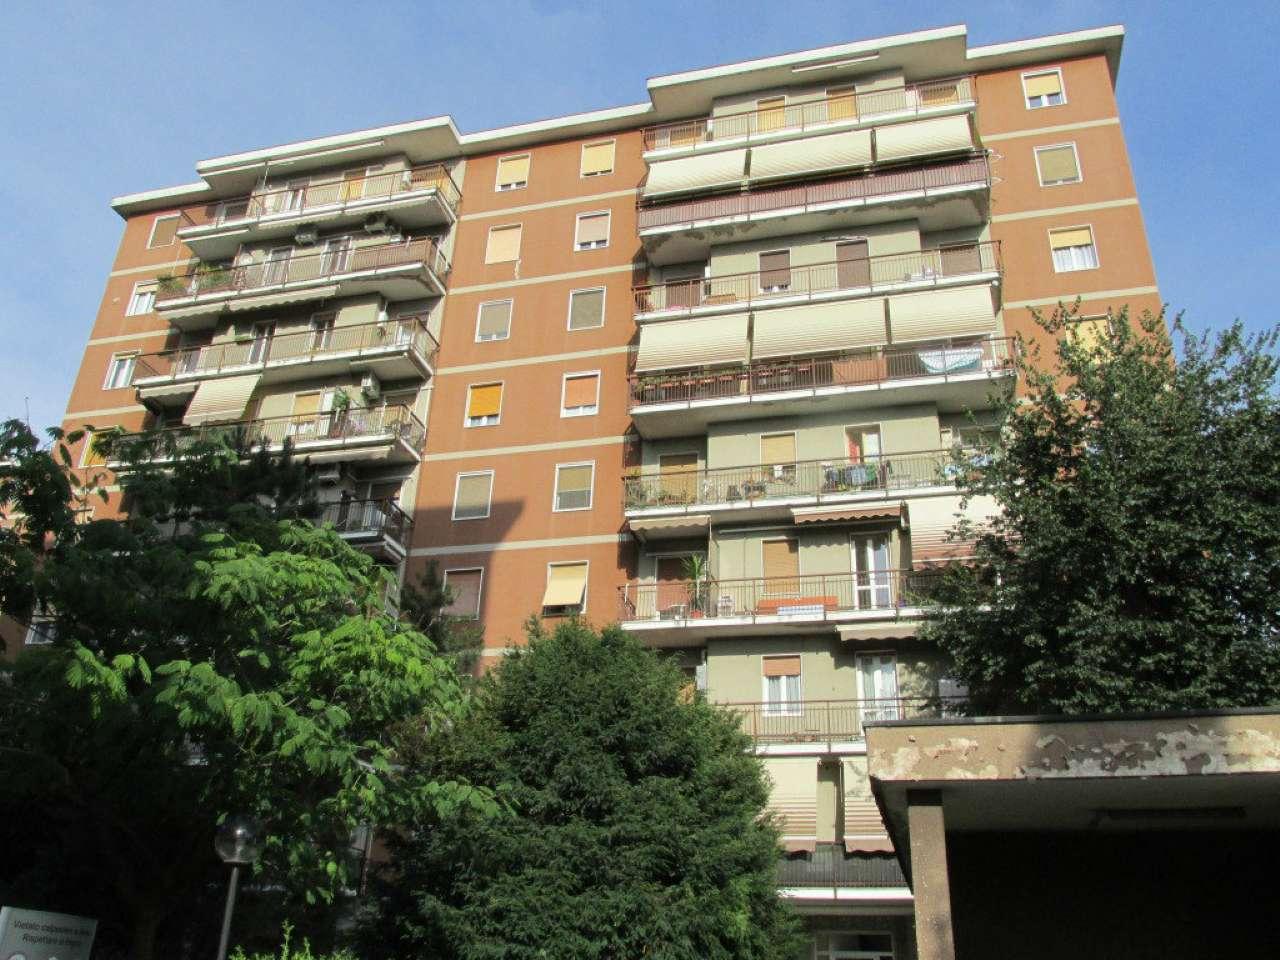 Appartamento in Vendita a Segrate: 3 locali, 85 mq